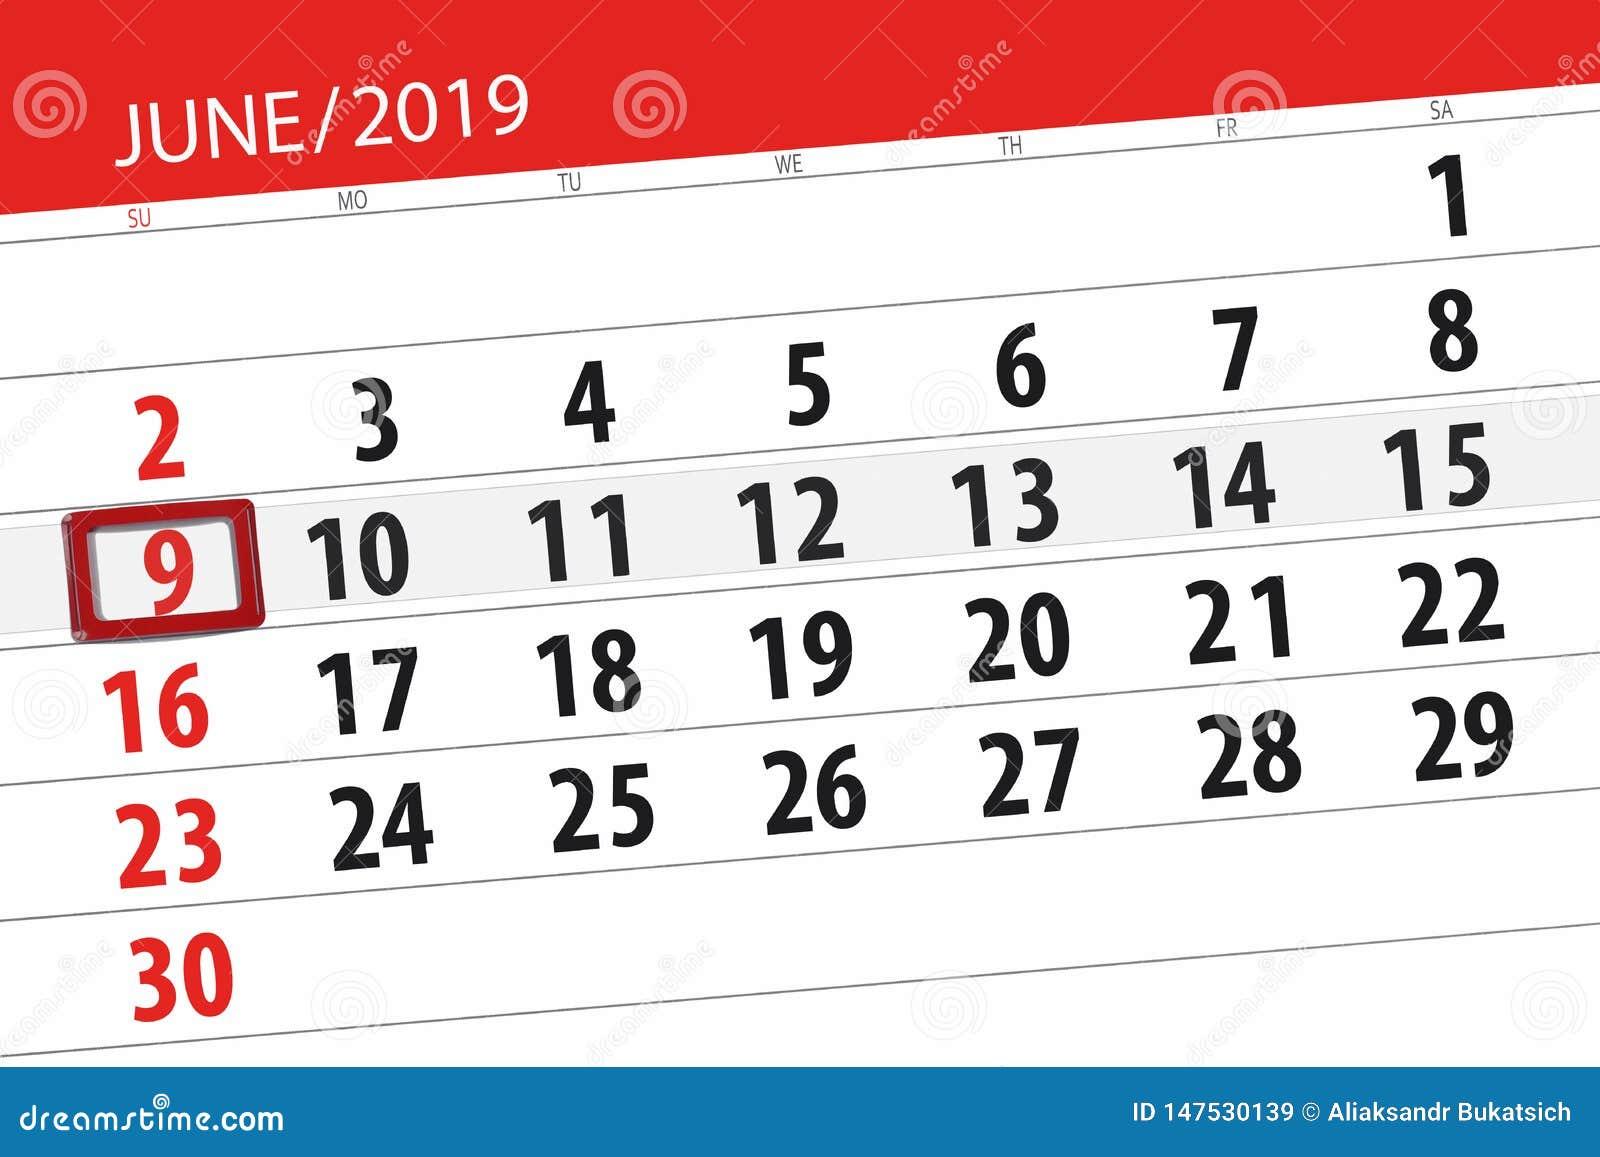 Календарь июнь 2019, 9, воскресенье